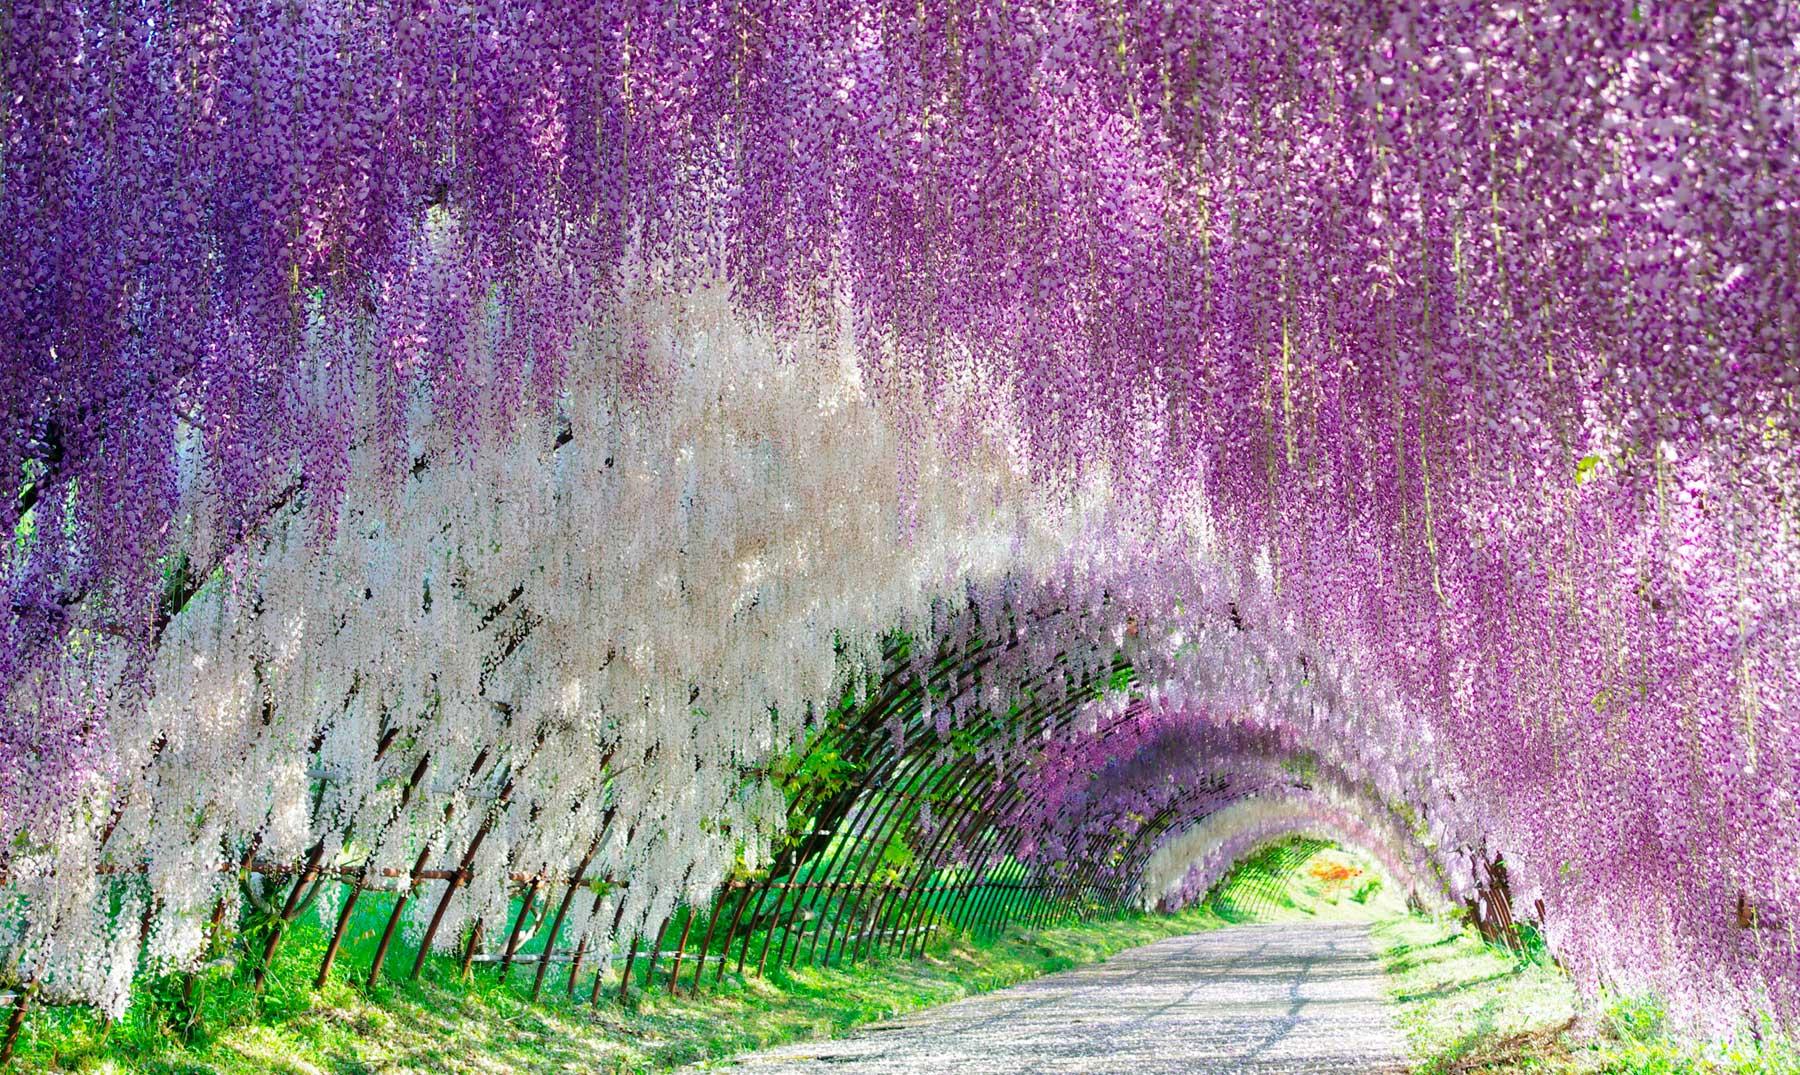 El fascinante túnel de glicinias de Japón